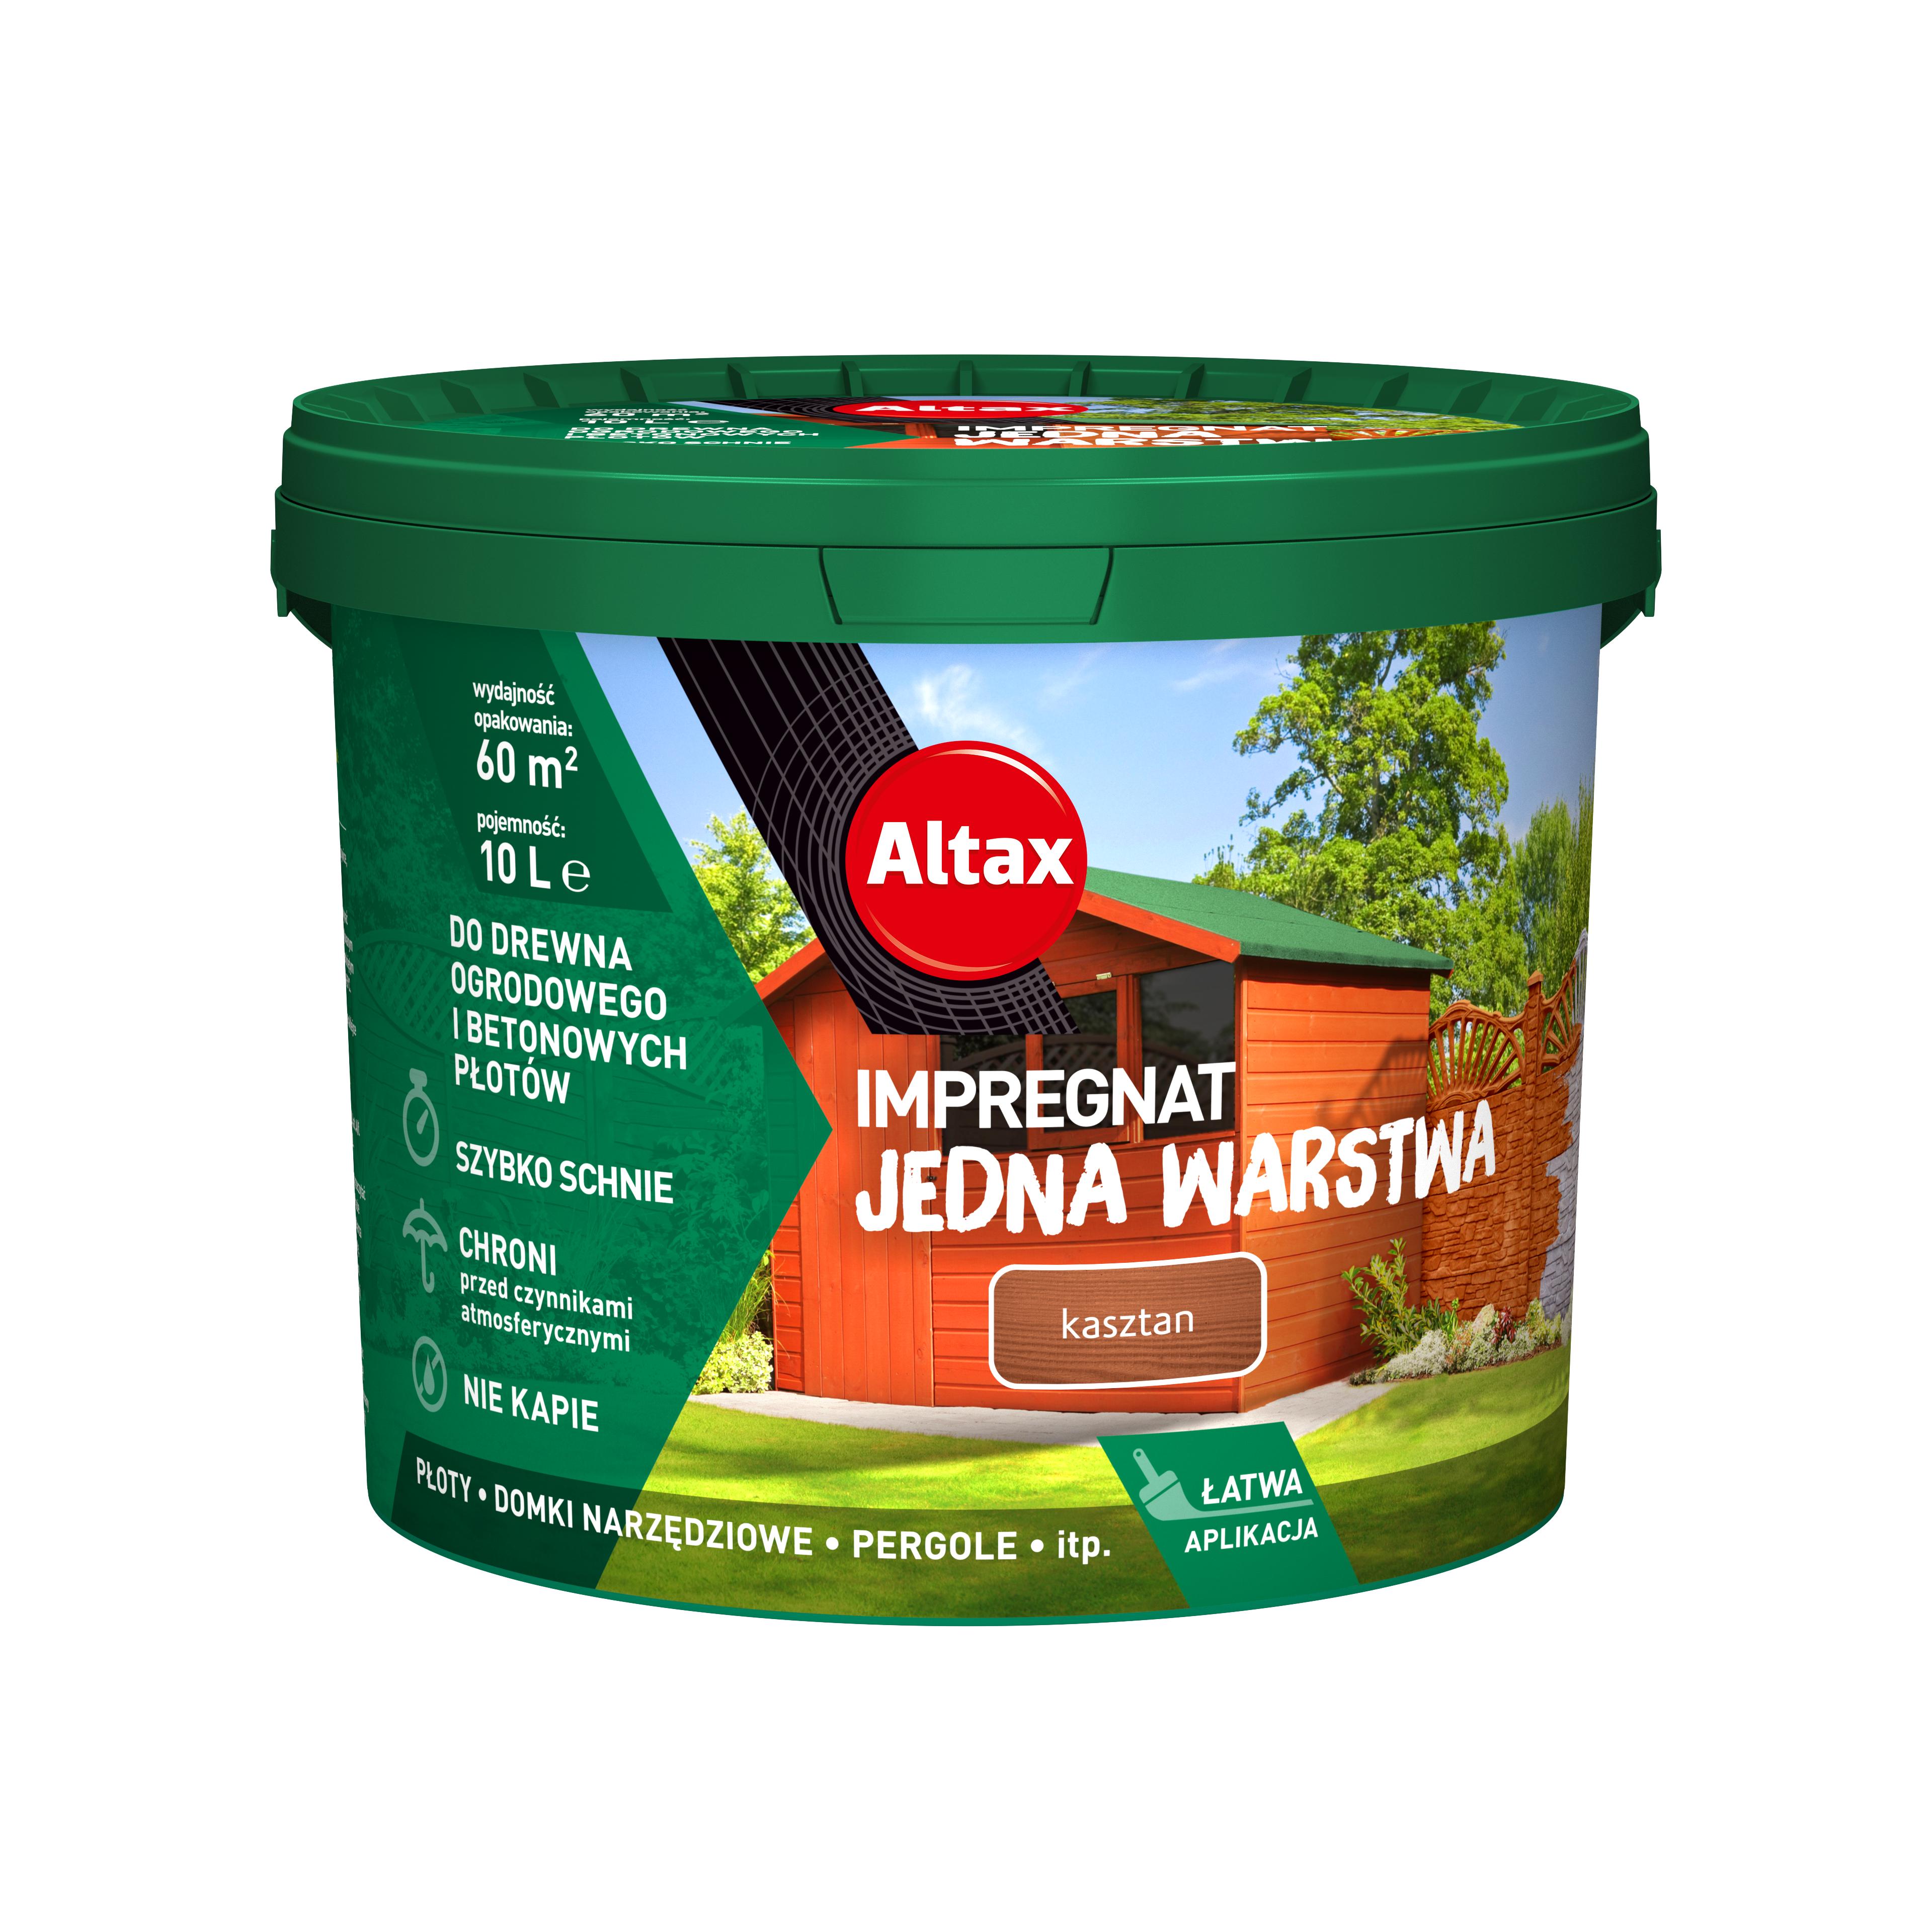 Altax Impregnat Do Drewna Ogrodowego Jedna Warstwa 10L Kasztan